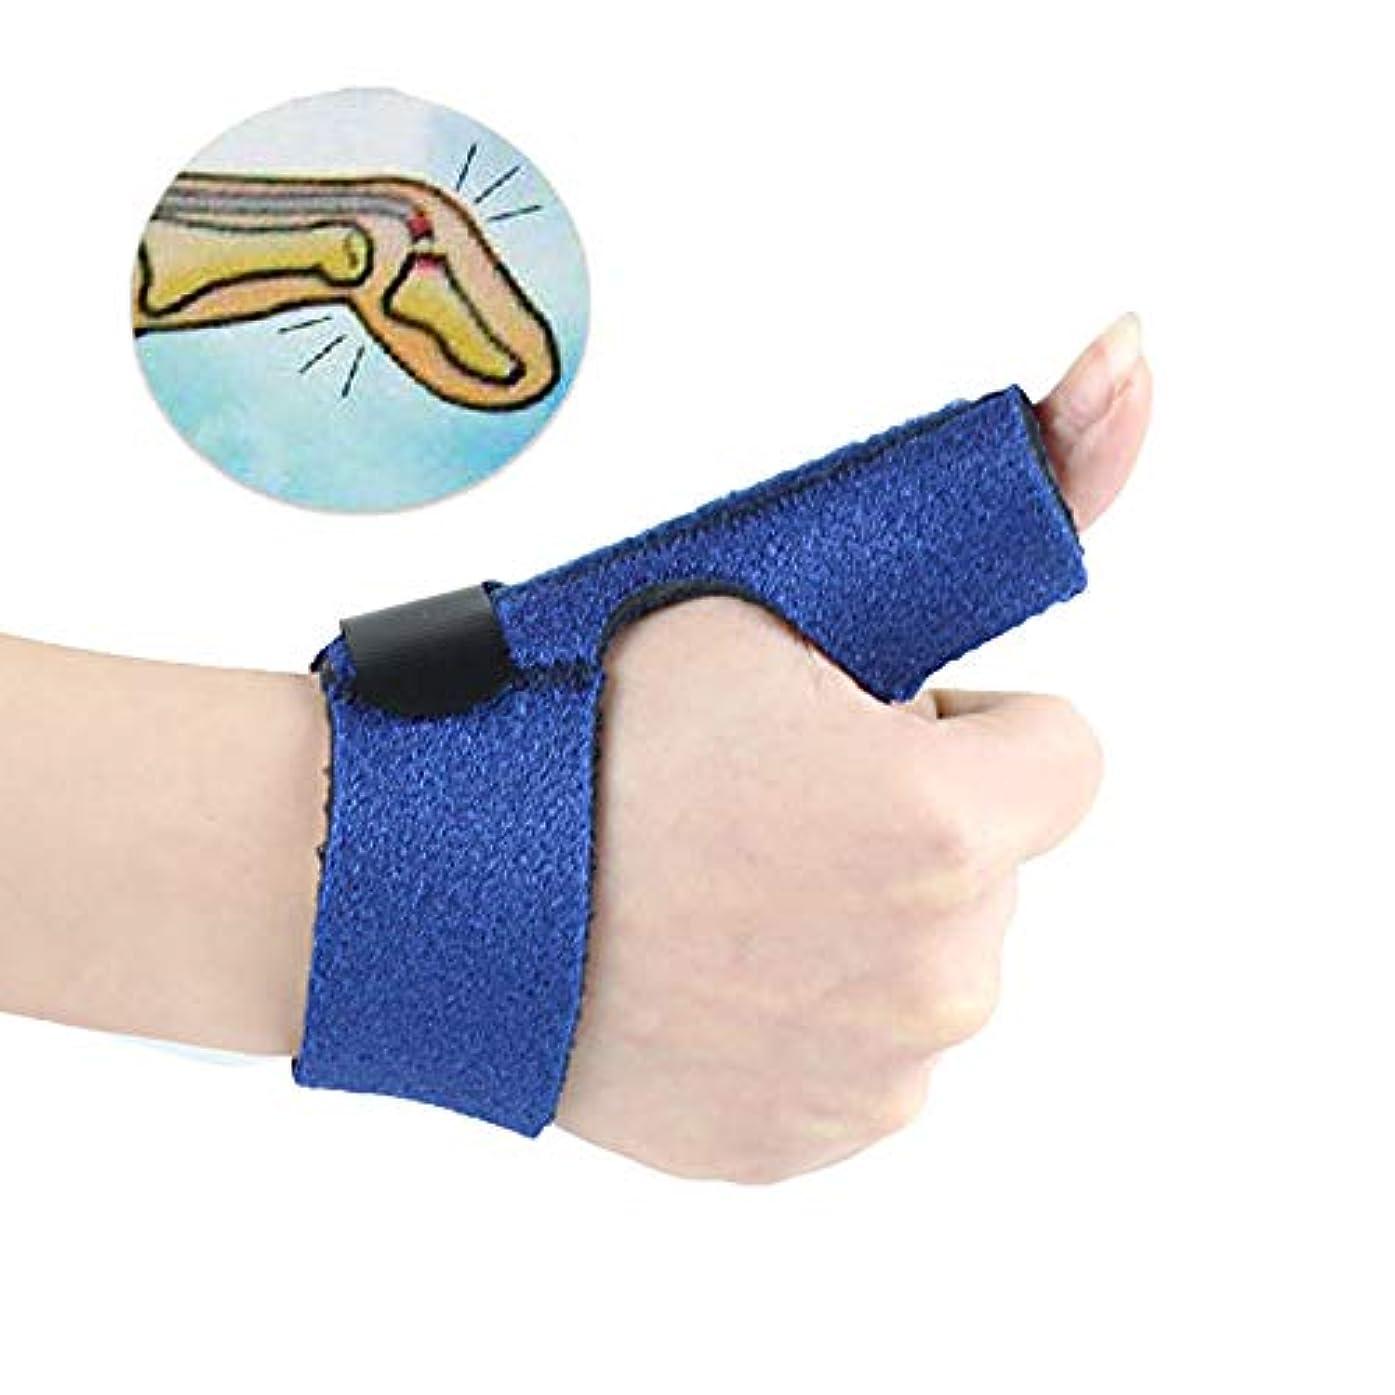 想起靴プレビスサイトトリガーフィンガースプリント調整可能なプロテクターフィンガーサポートブレーススプリント、指の痛みを軽減するための内蔵アルミニウムサポート